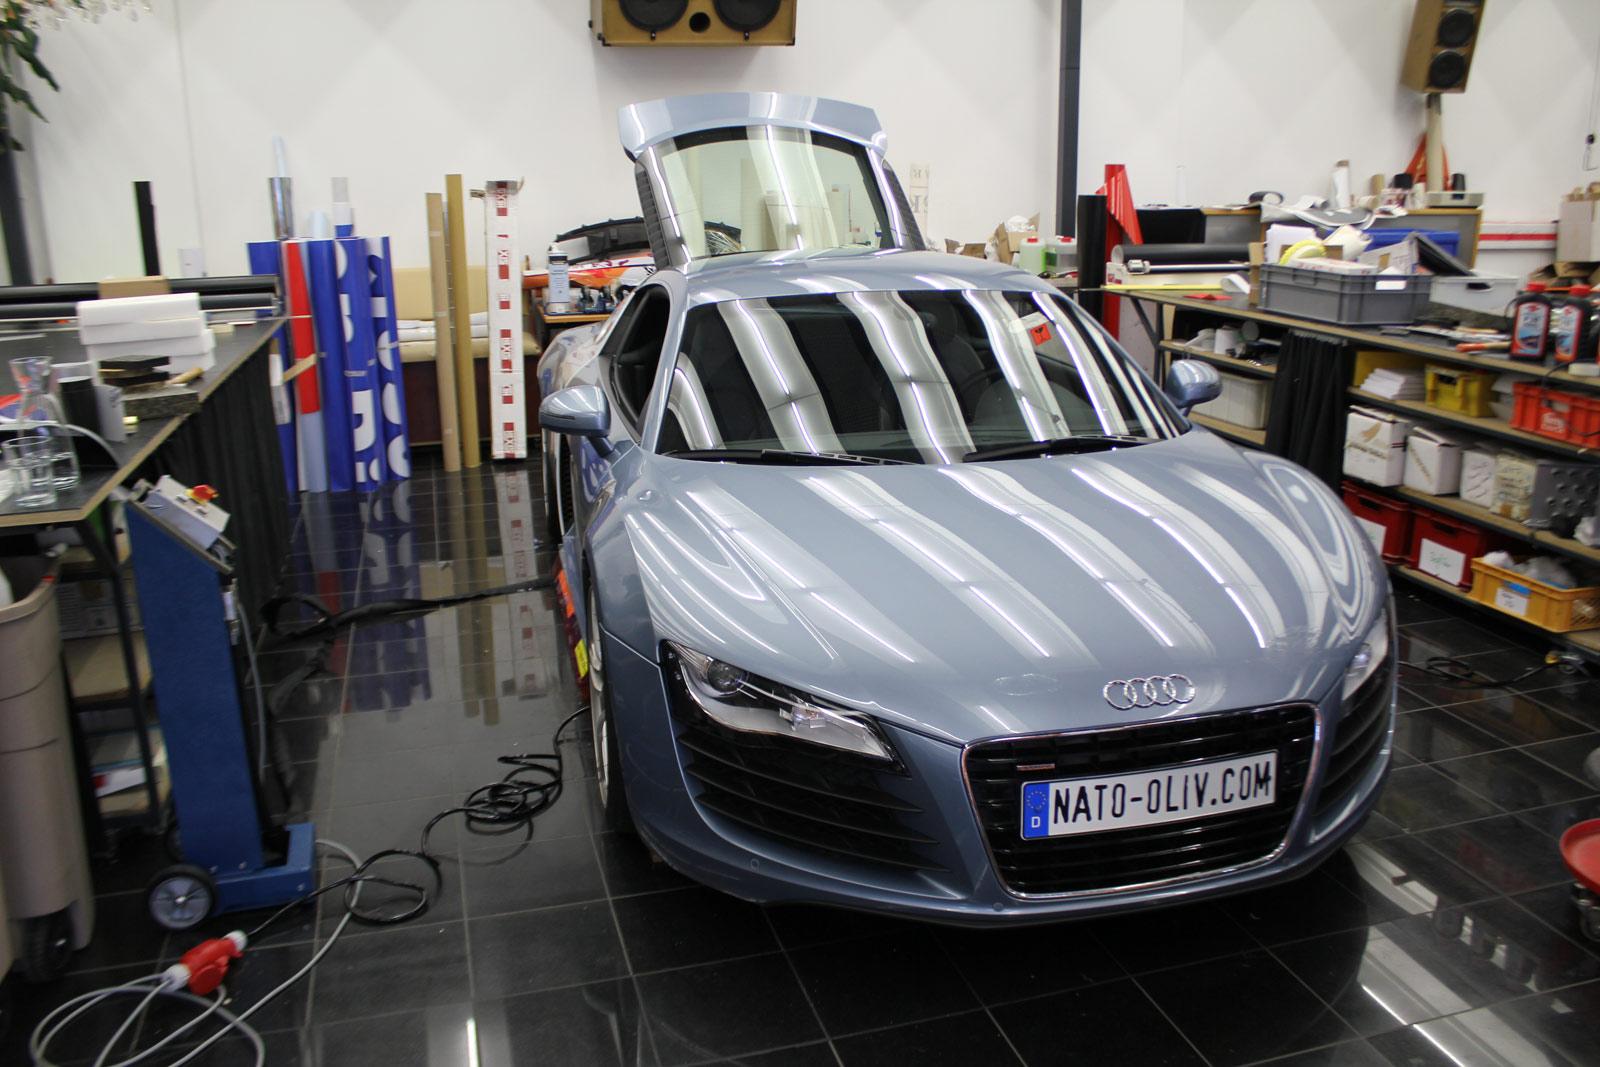 Audi_R8_Folierung_Weiß_Glanz_Union_Jack_Flagge_10